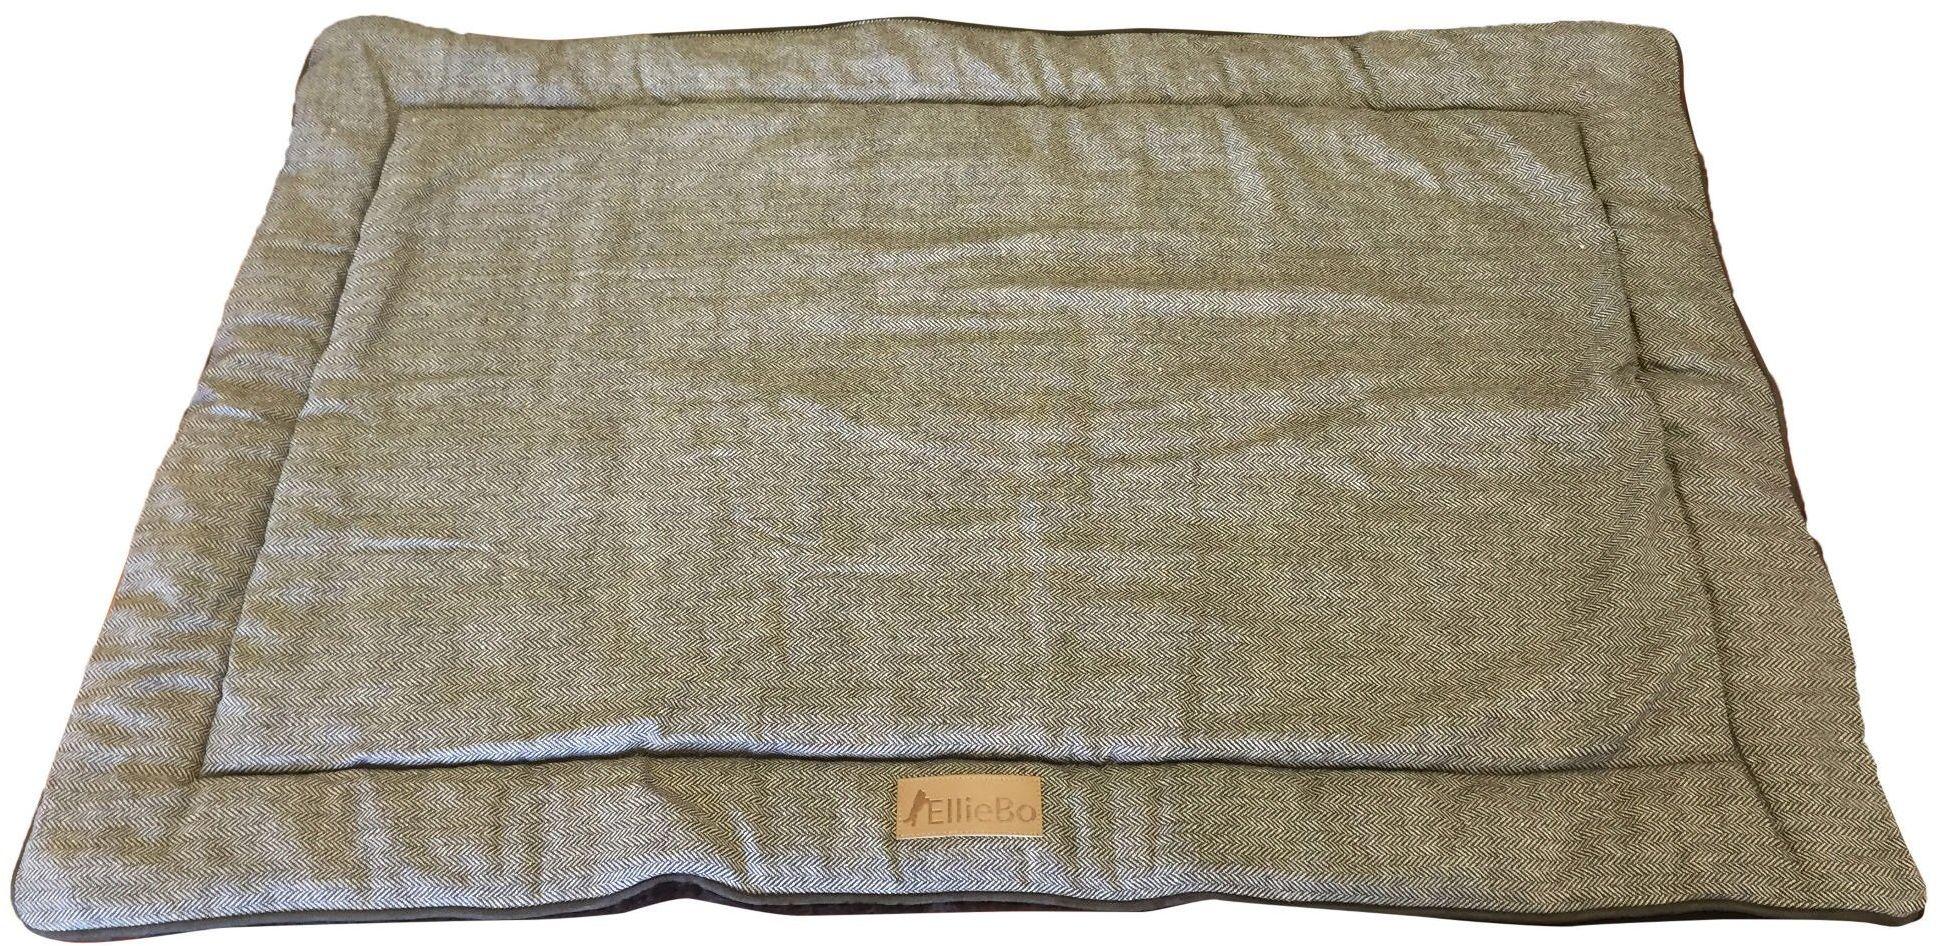 Ellie-Bo dwustronne tweedowe i brązowe sztuczne futro mata łóżko dla XXL 100 cm klatki i skrzynek dla psa szczeniaka